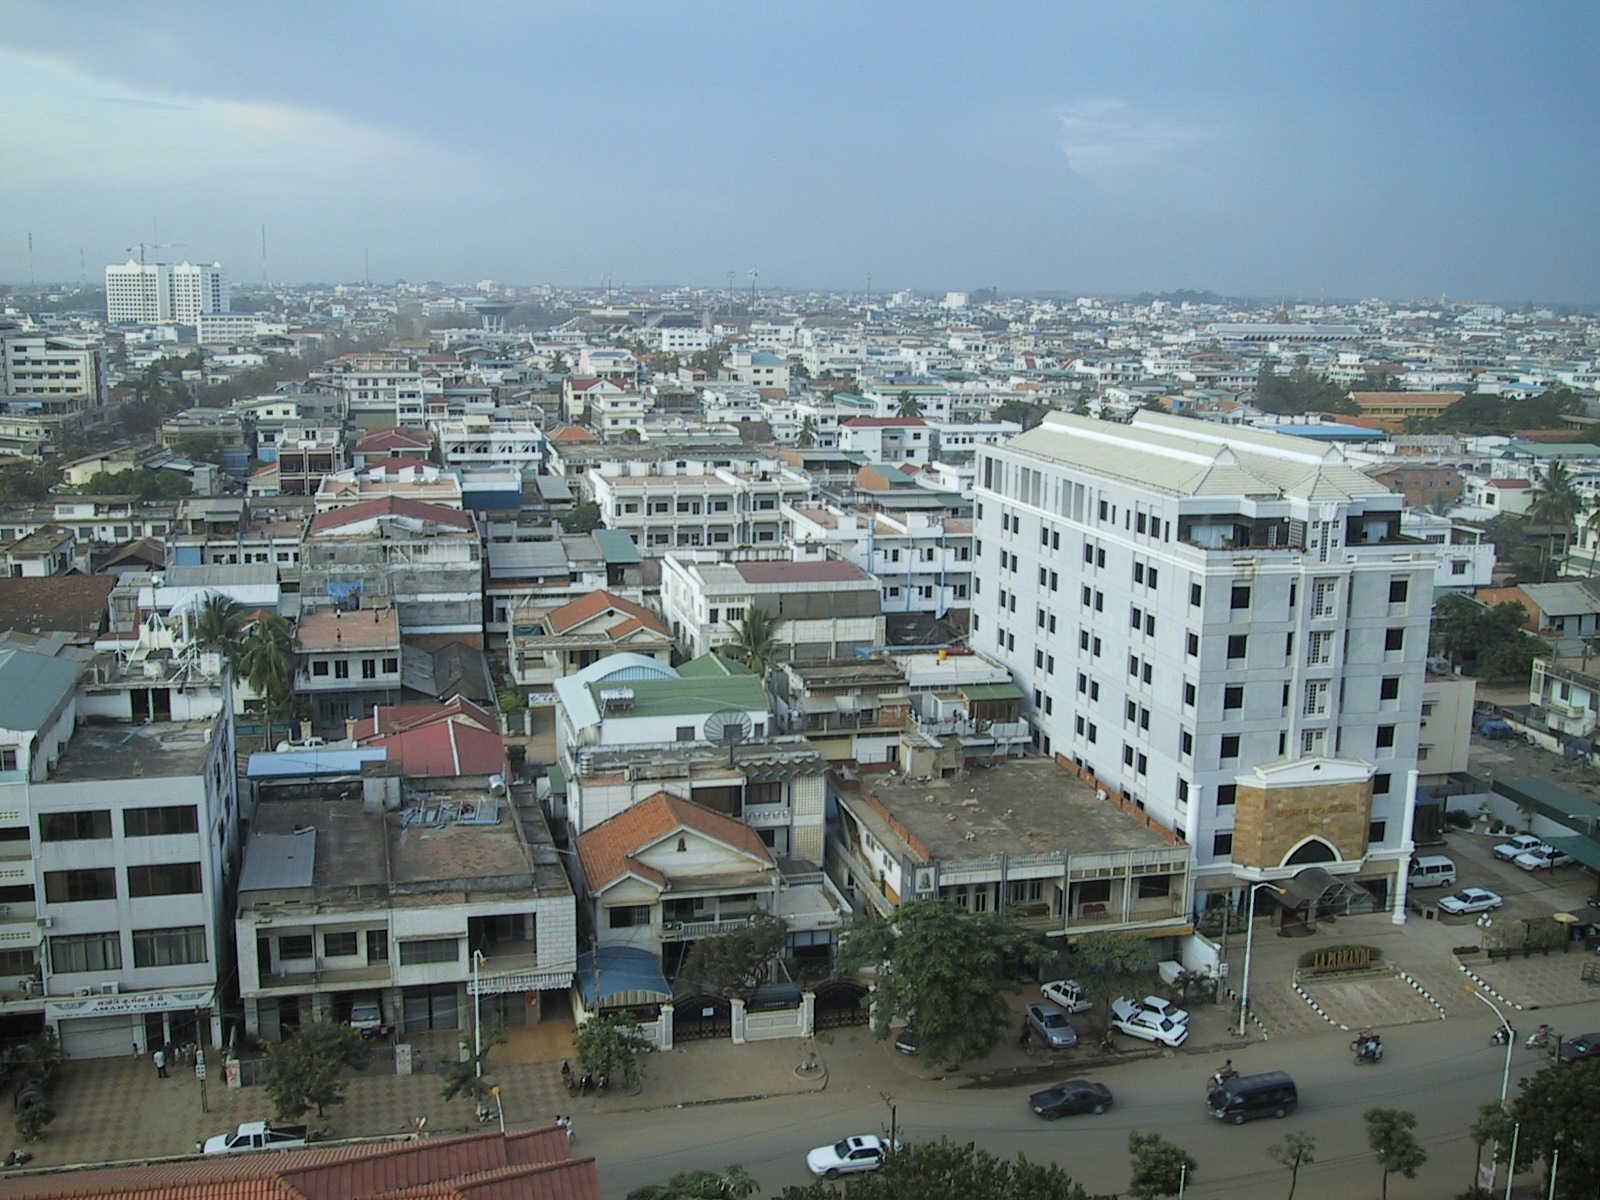 Phnom Penh in all its sprawling glory